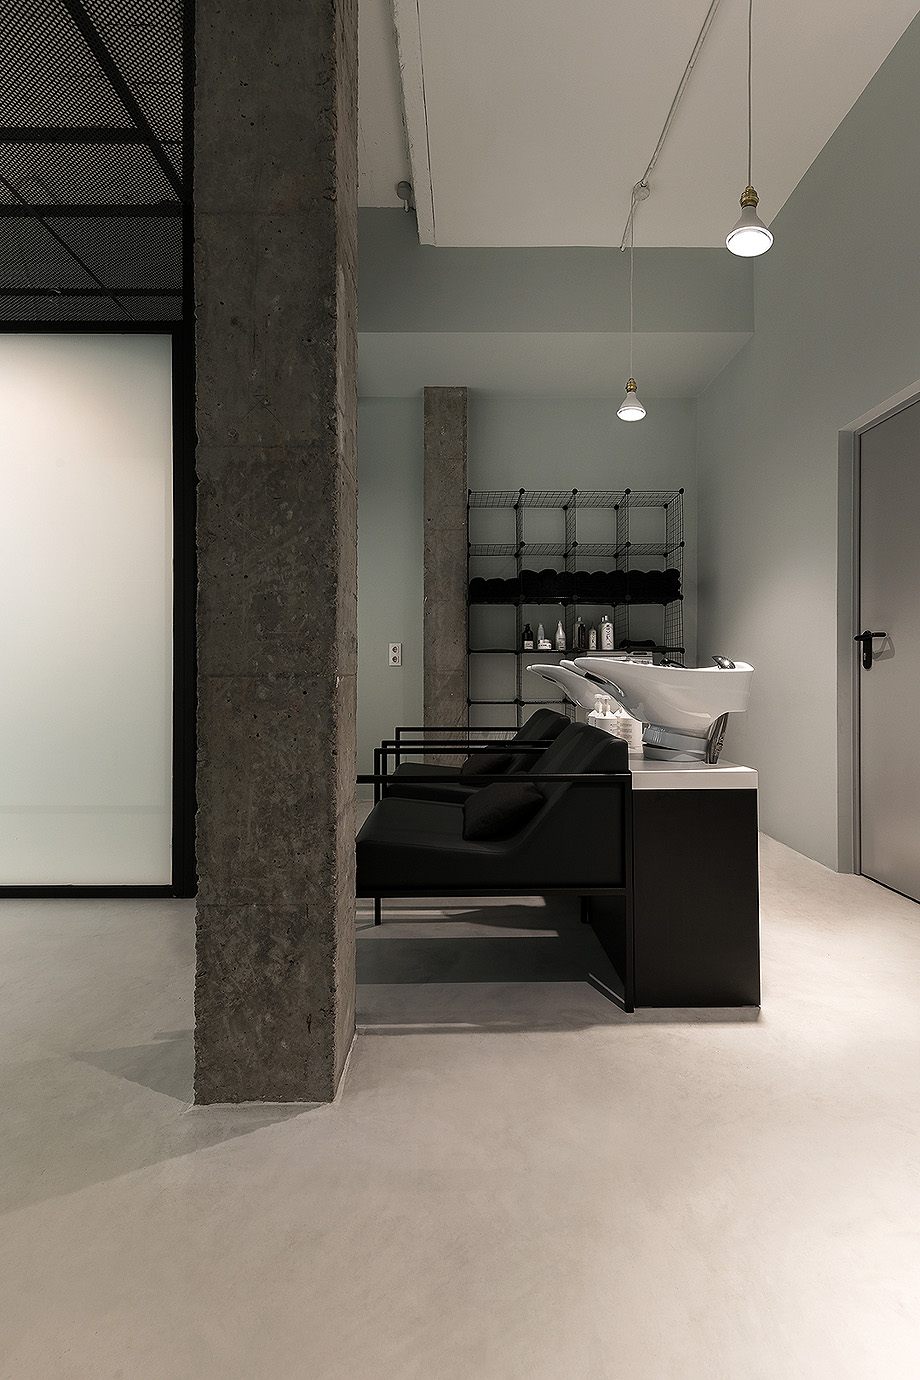 peluquería sonia portela de nan arquitectos - foto ivan casal nieto (15)